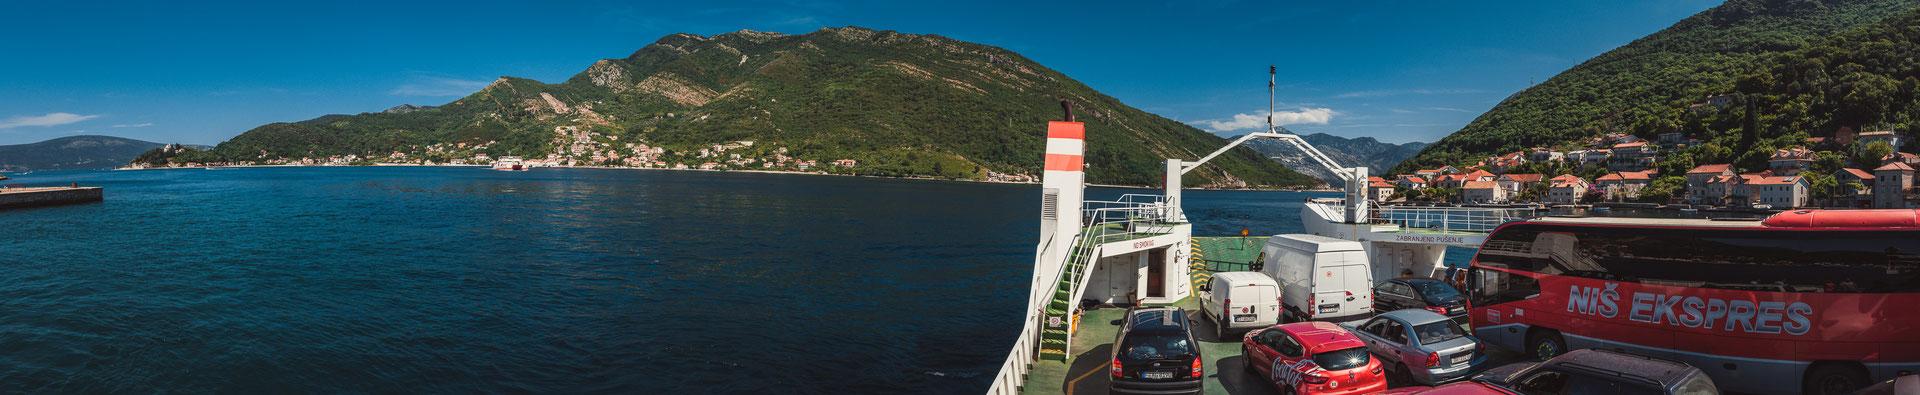 Aussicht von der Autofähre aus auf die Kotorer Bucht